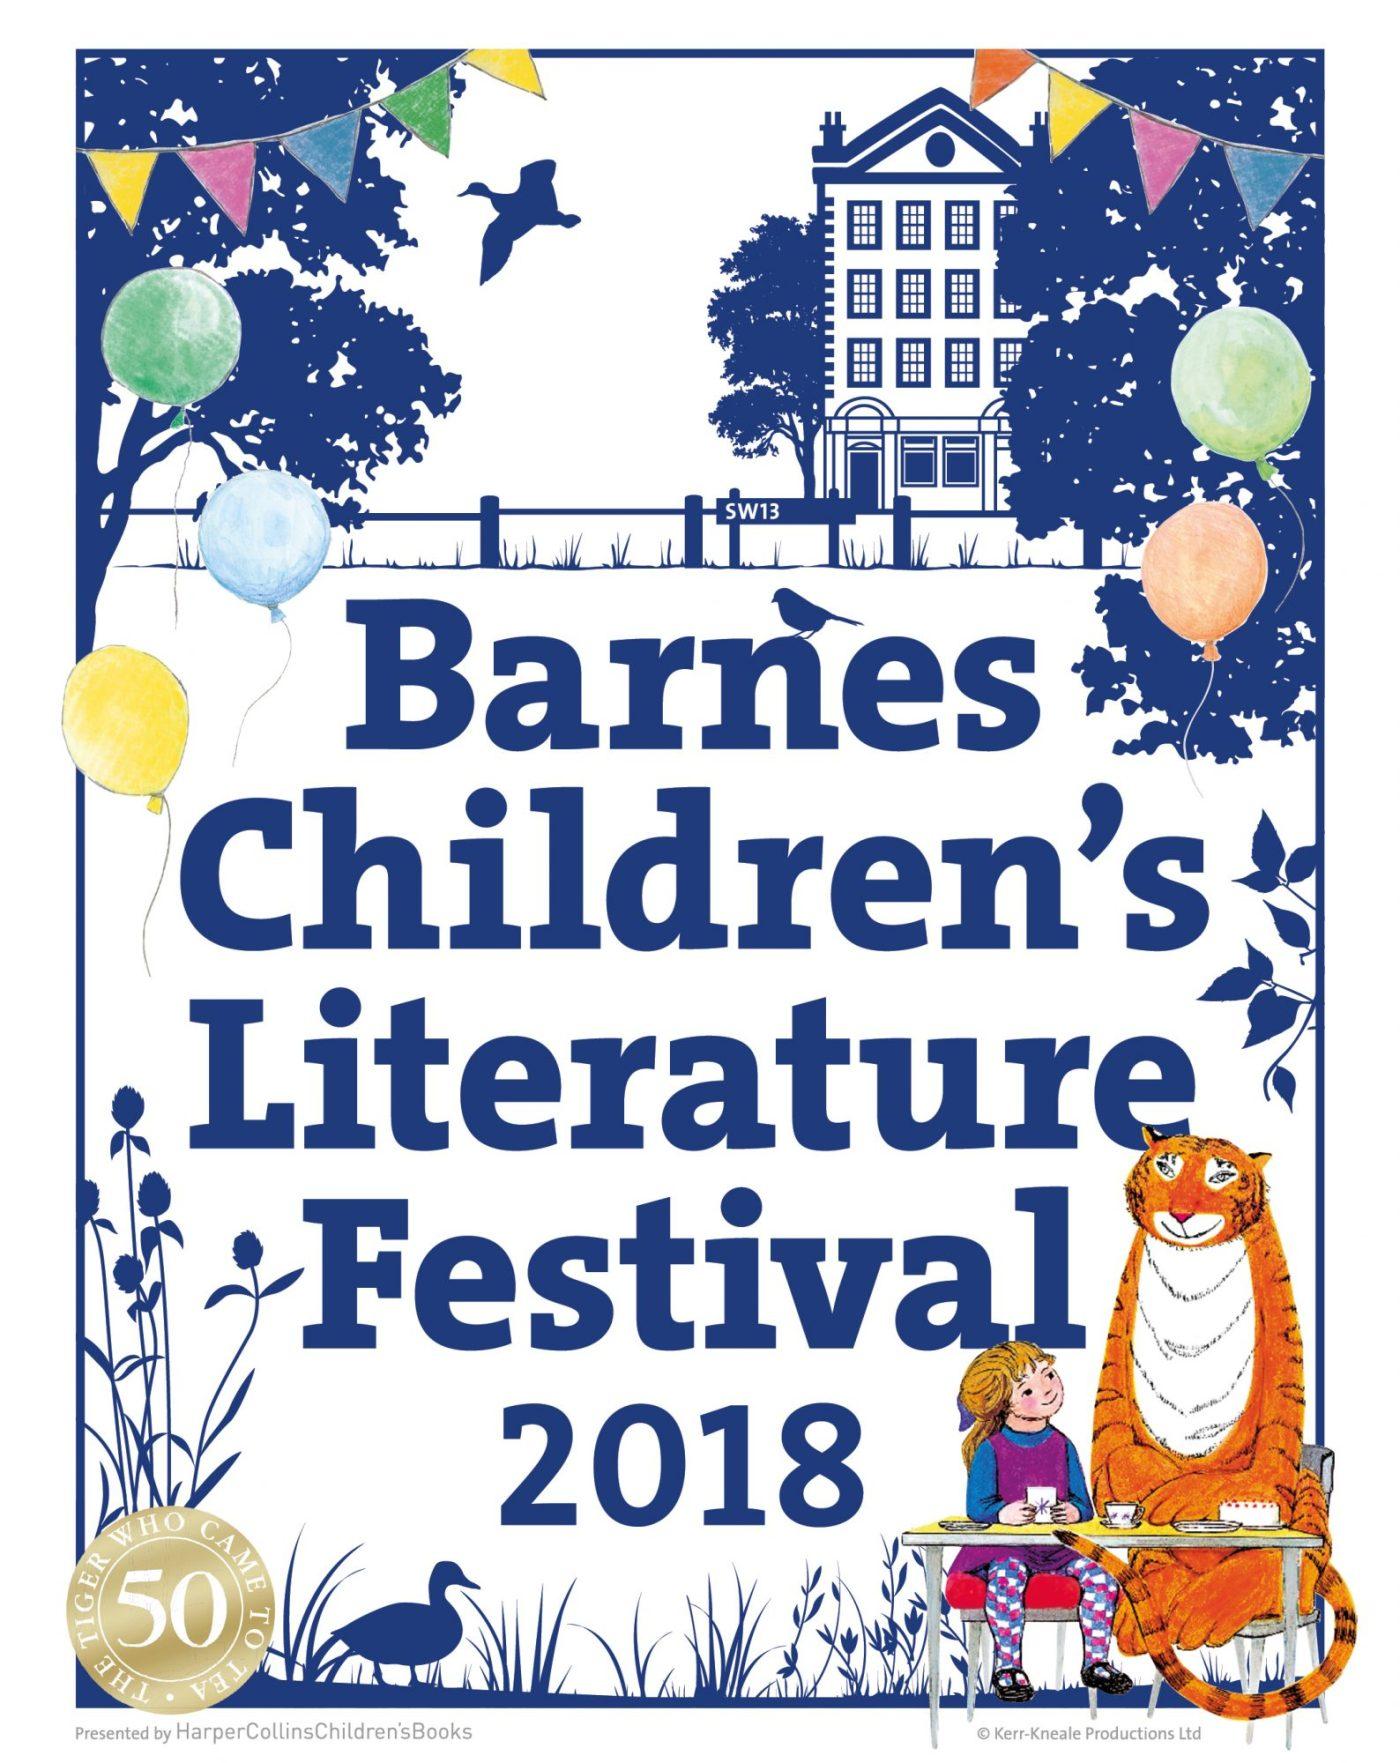 Barnes Children's Literature Festival 2018 poster